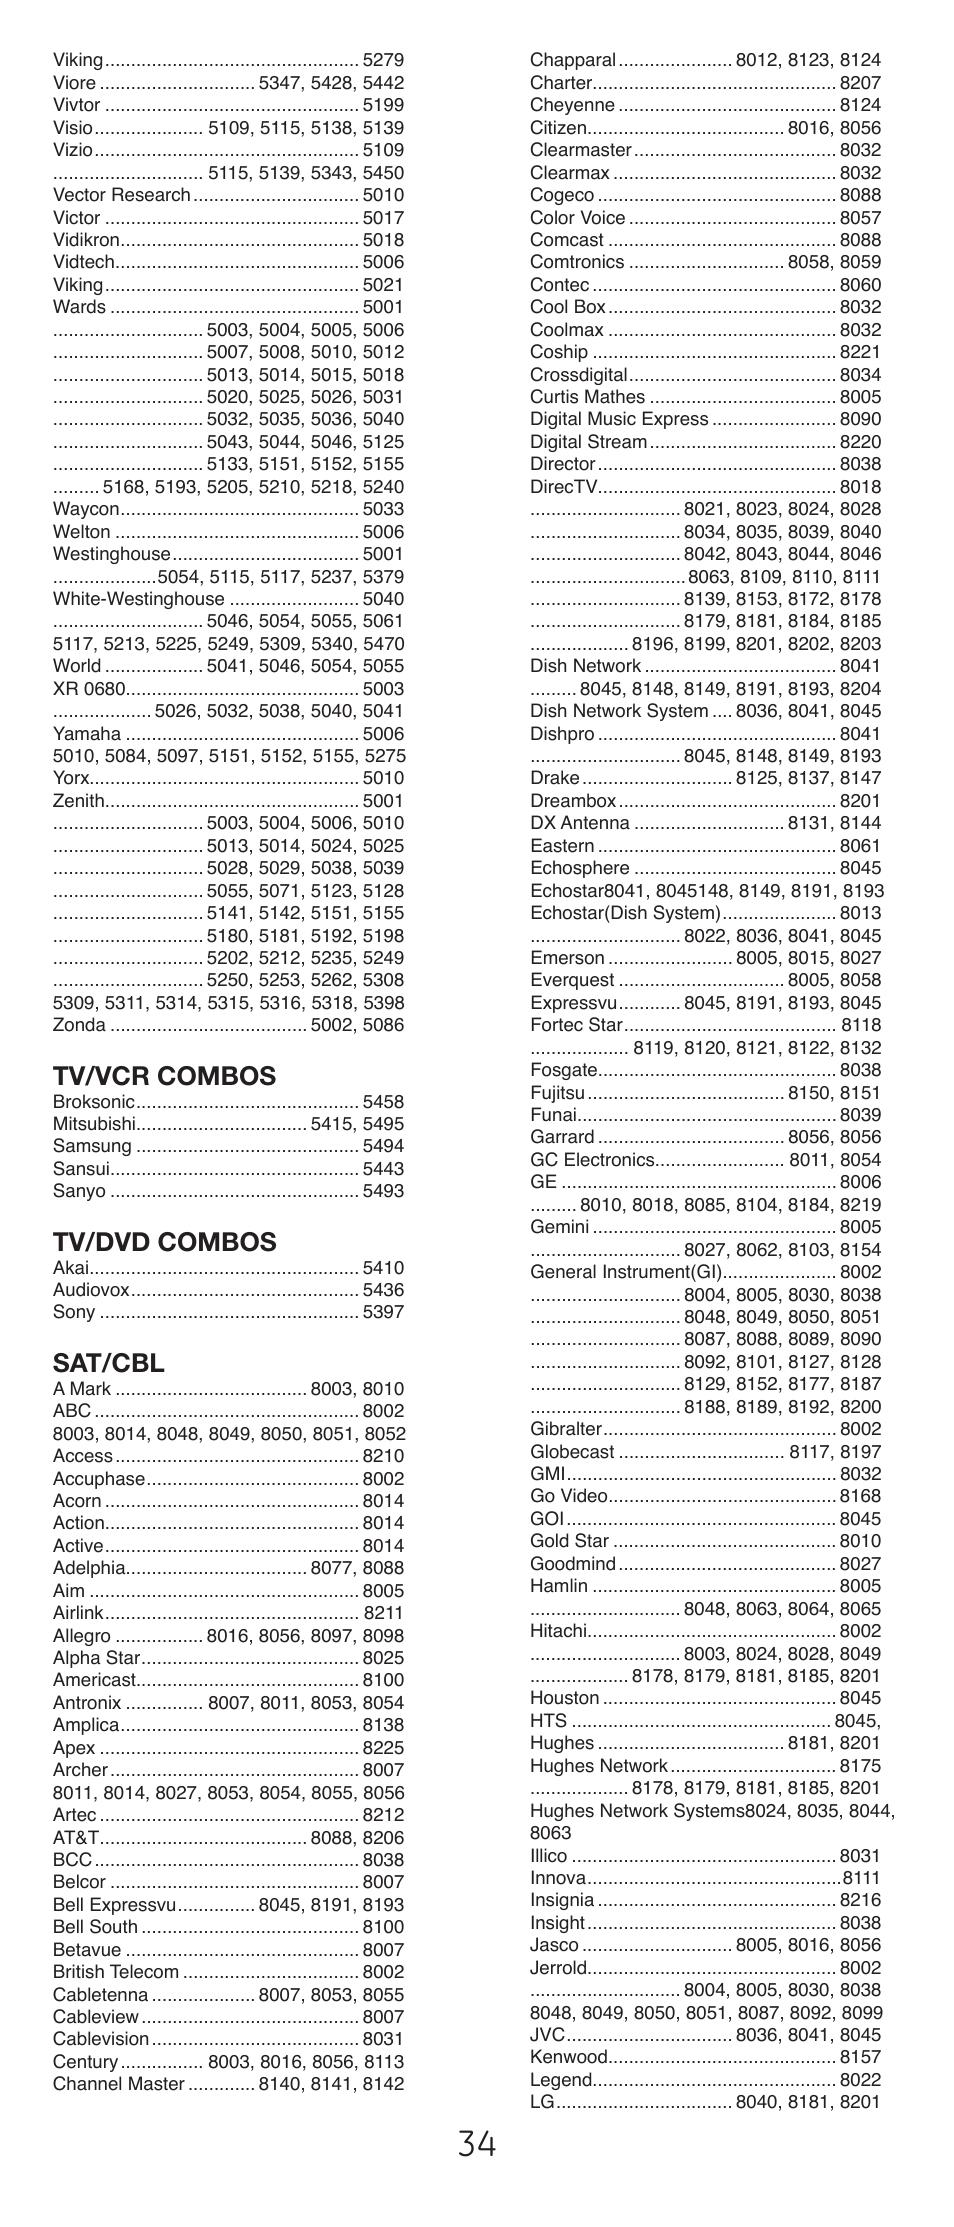 Tv/vcr combos, Tv/dvd combos, Sat/cbl | GE 24911-v2 GE